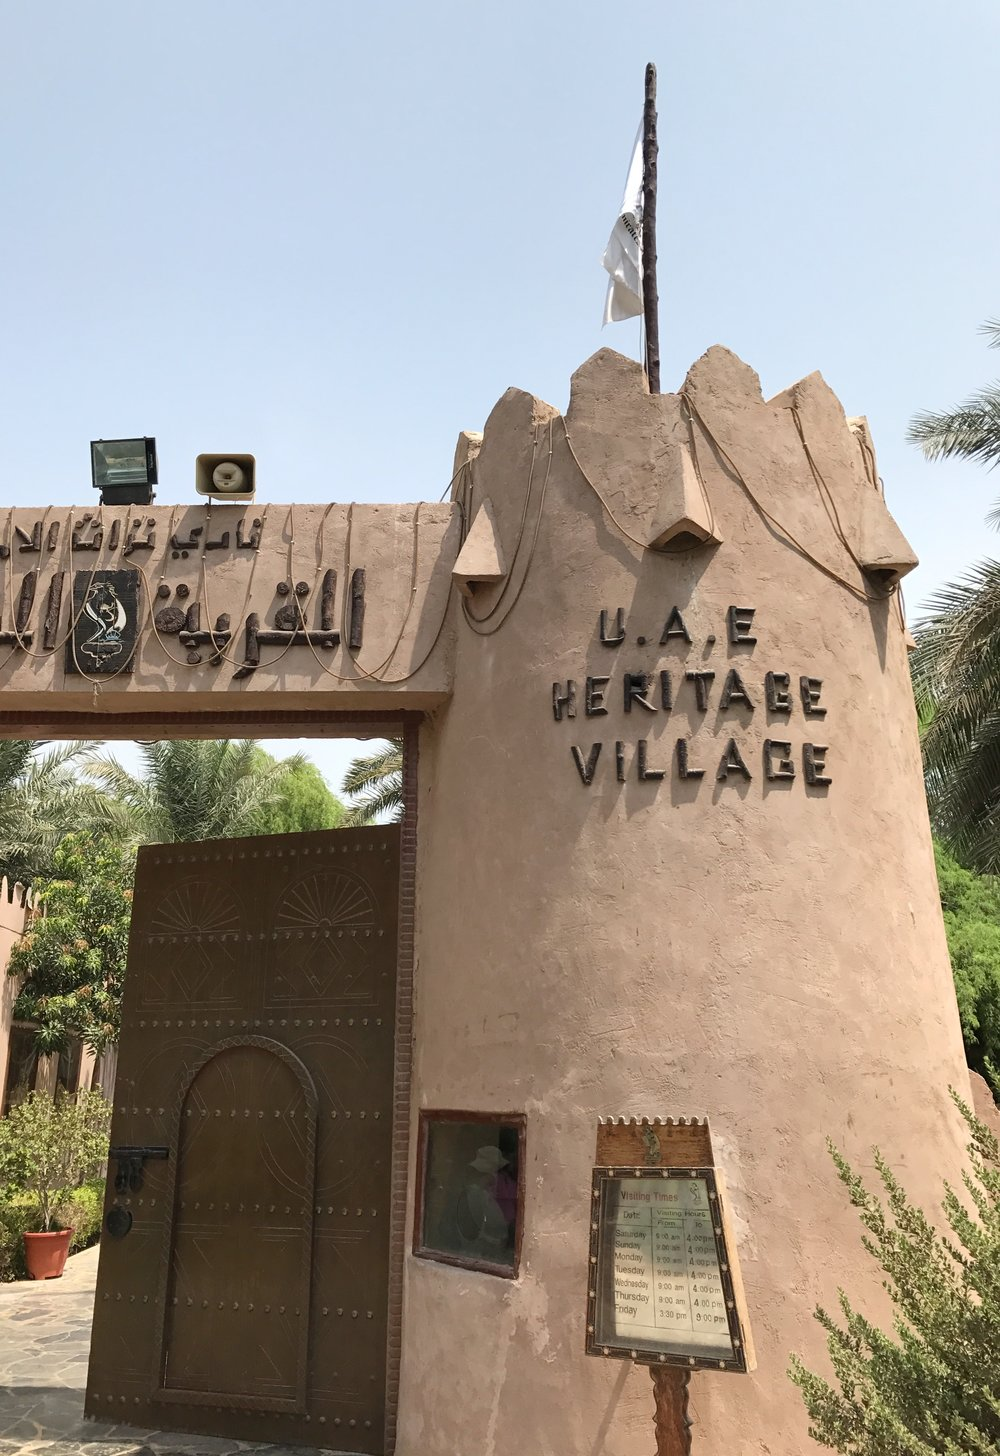 U.A.E. Heritage Village